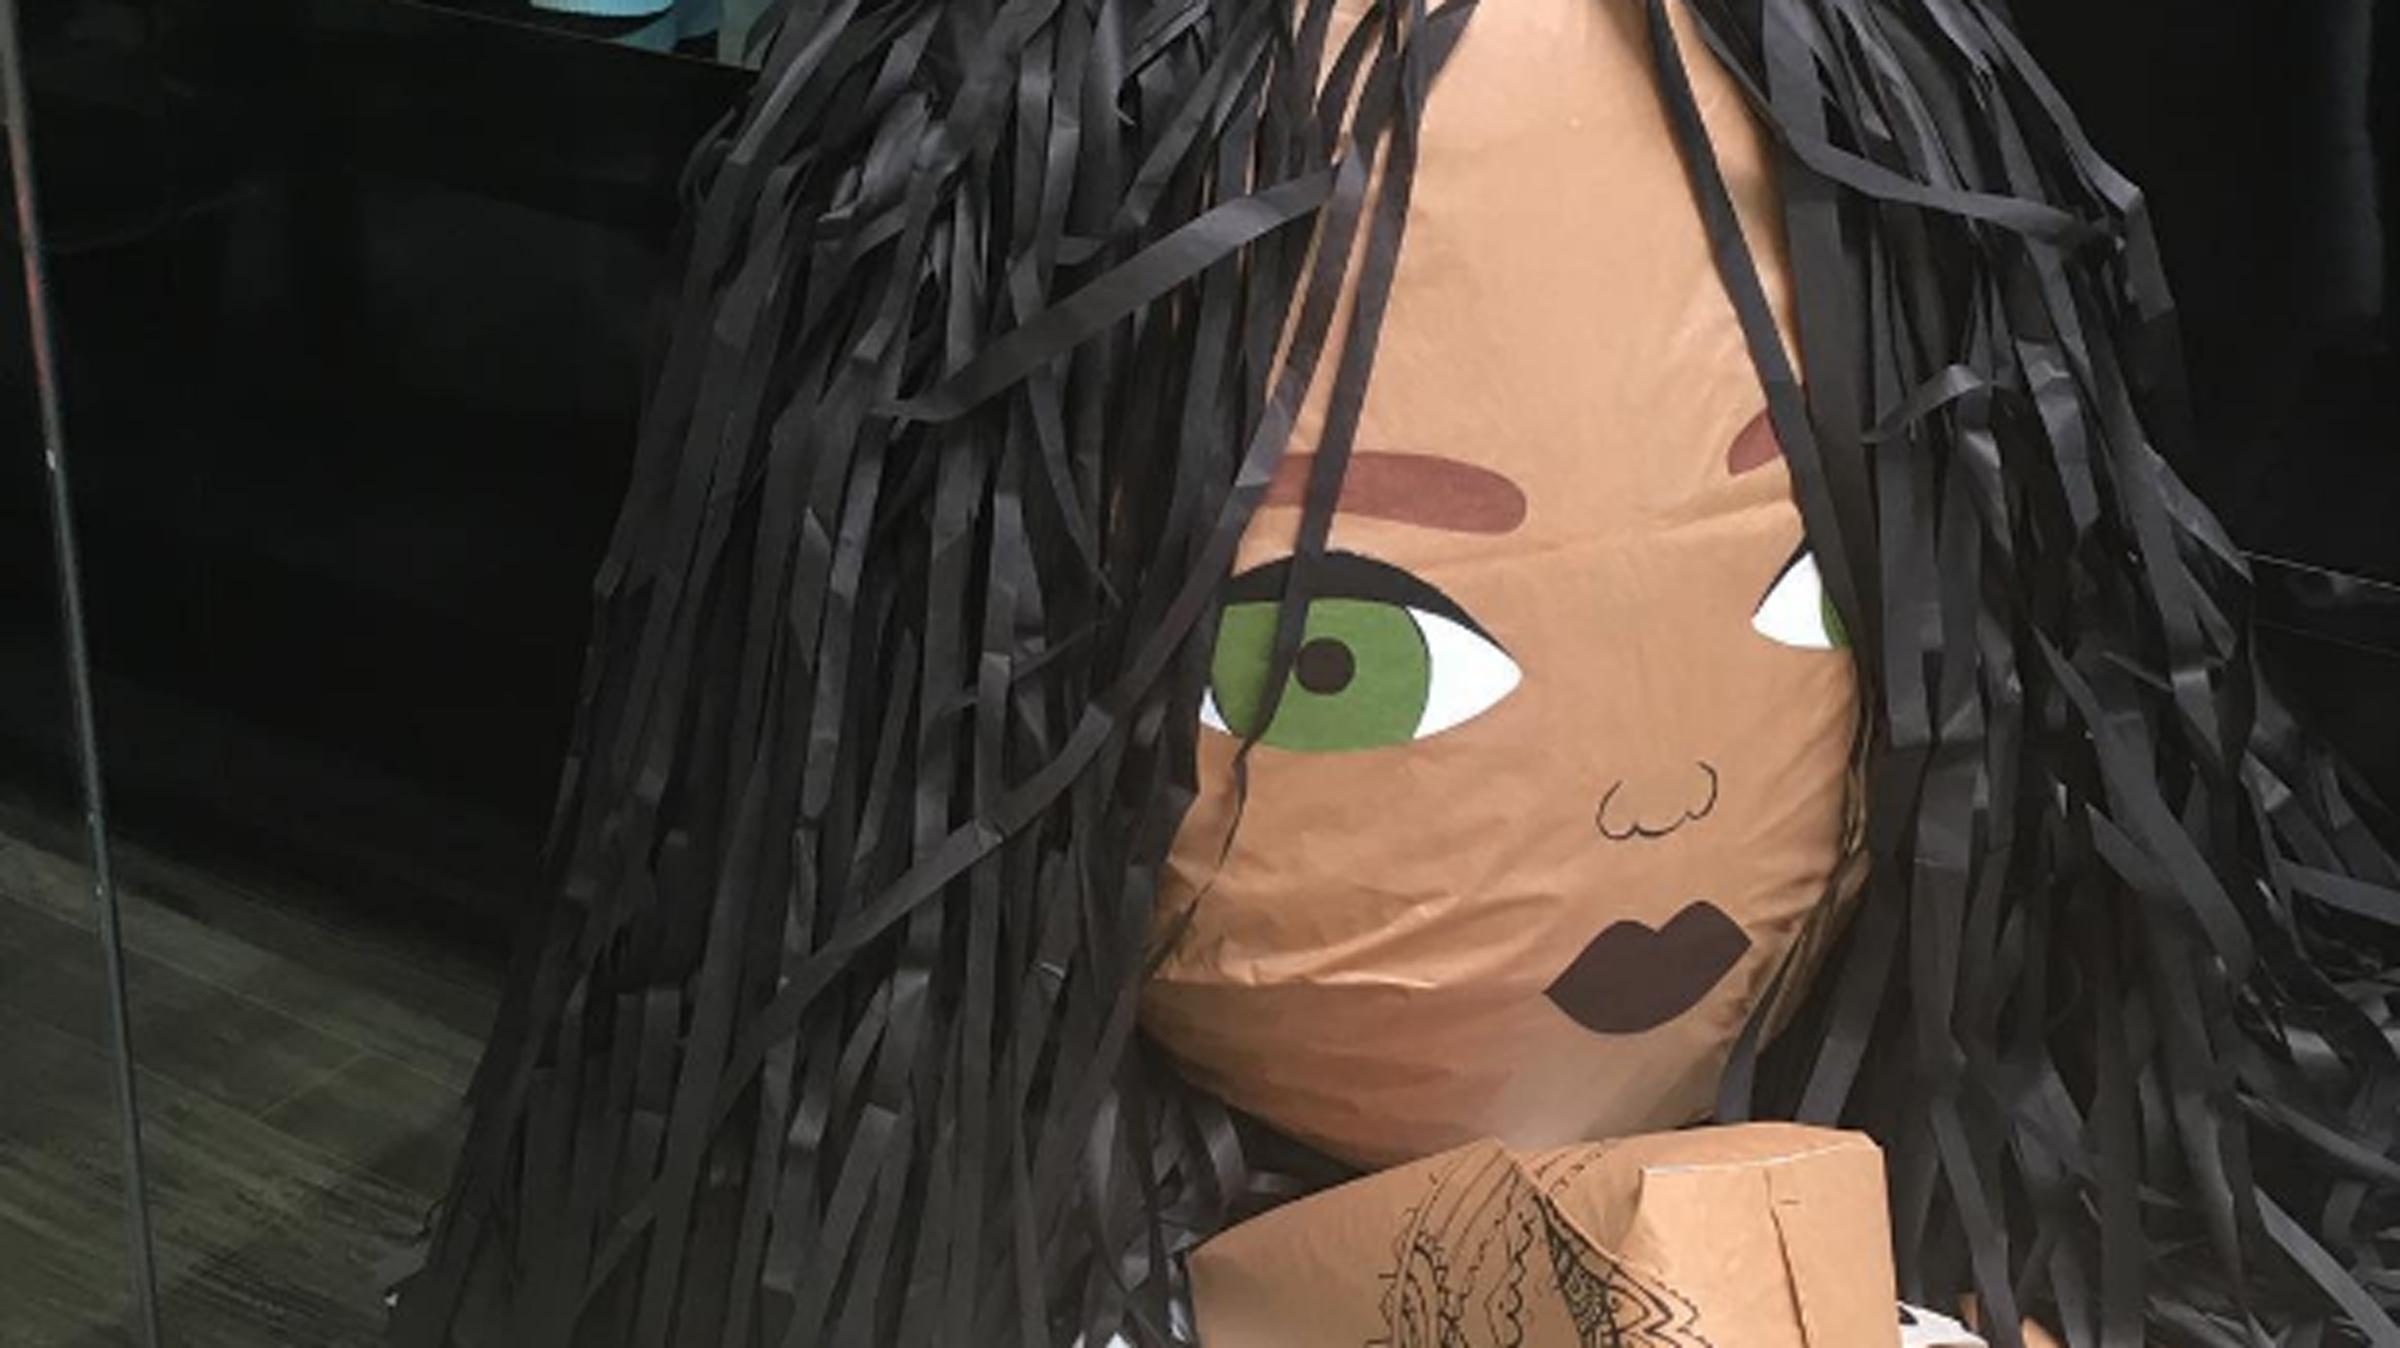 Rihannapinata